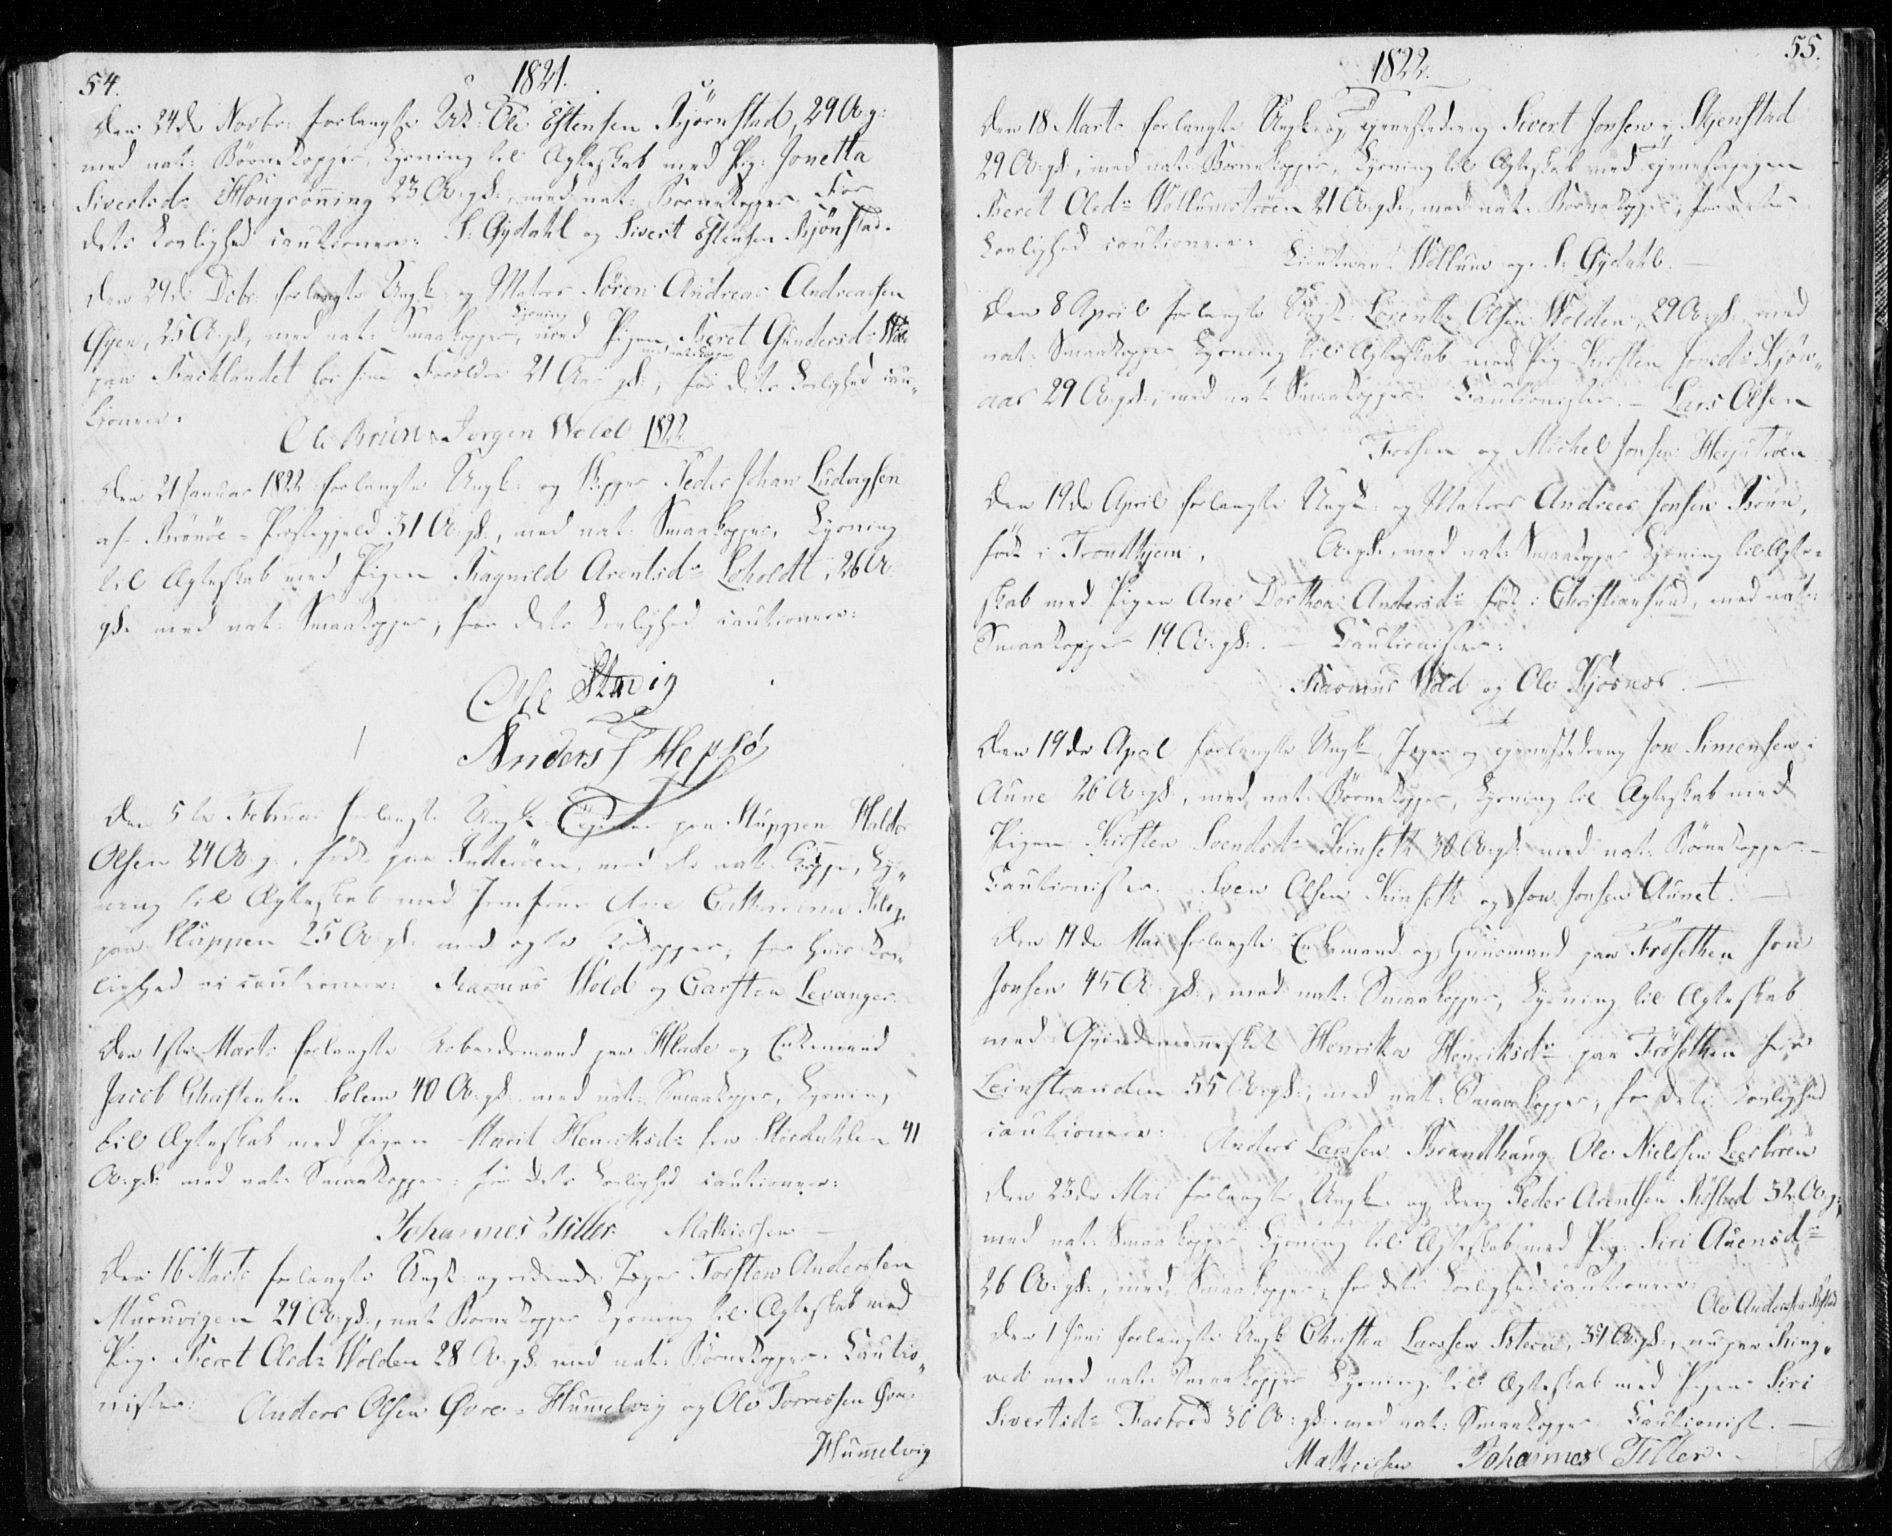 SAT, Ministerialprotokoller, klokkerbøker og fødselsregistre - Sør-Trøndelag, 606/L0295: Lysningsprotokoll nr. 606A10, 1815-1833, s. 54-55